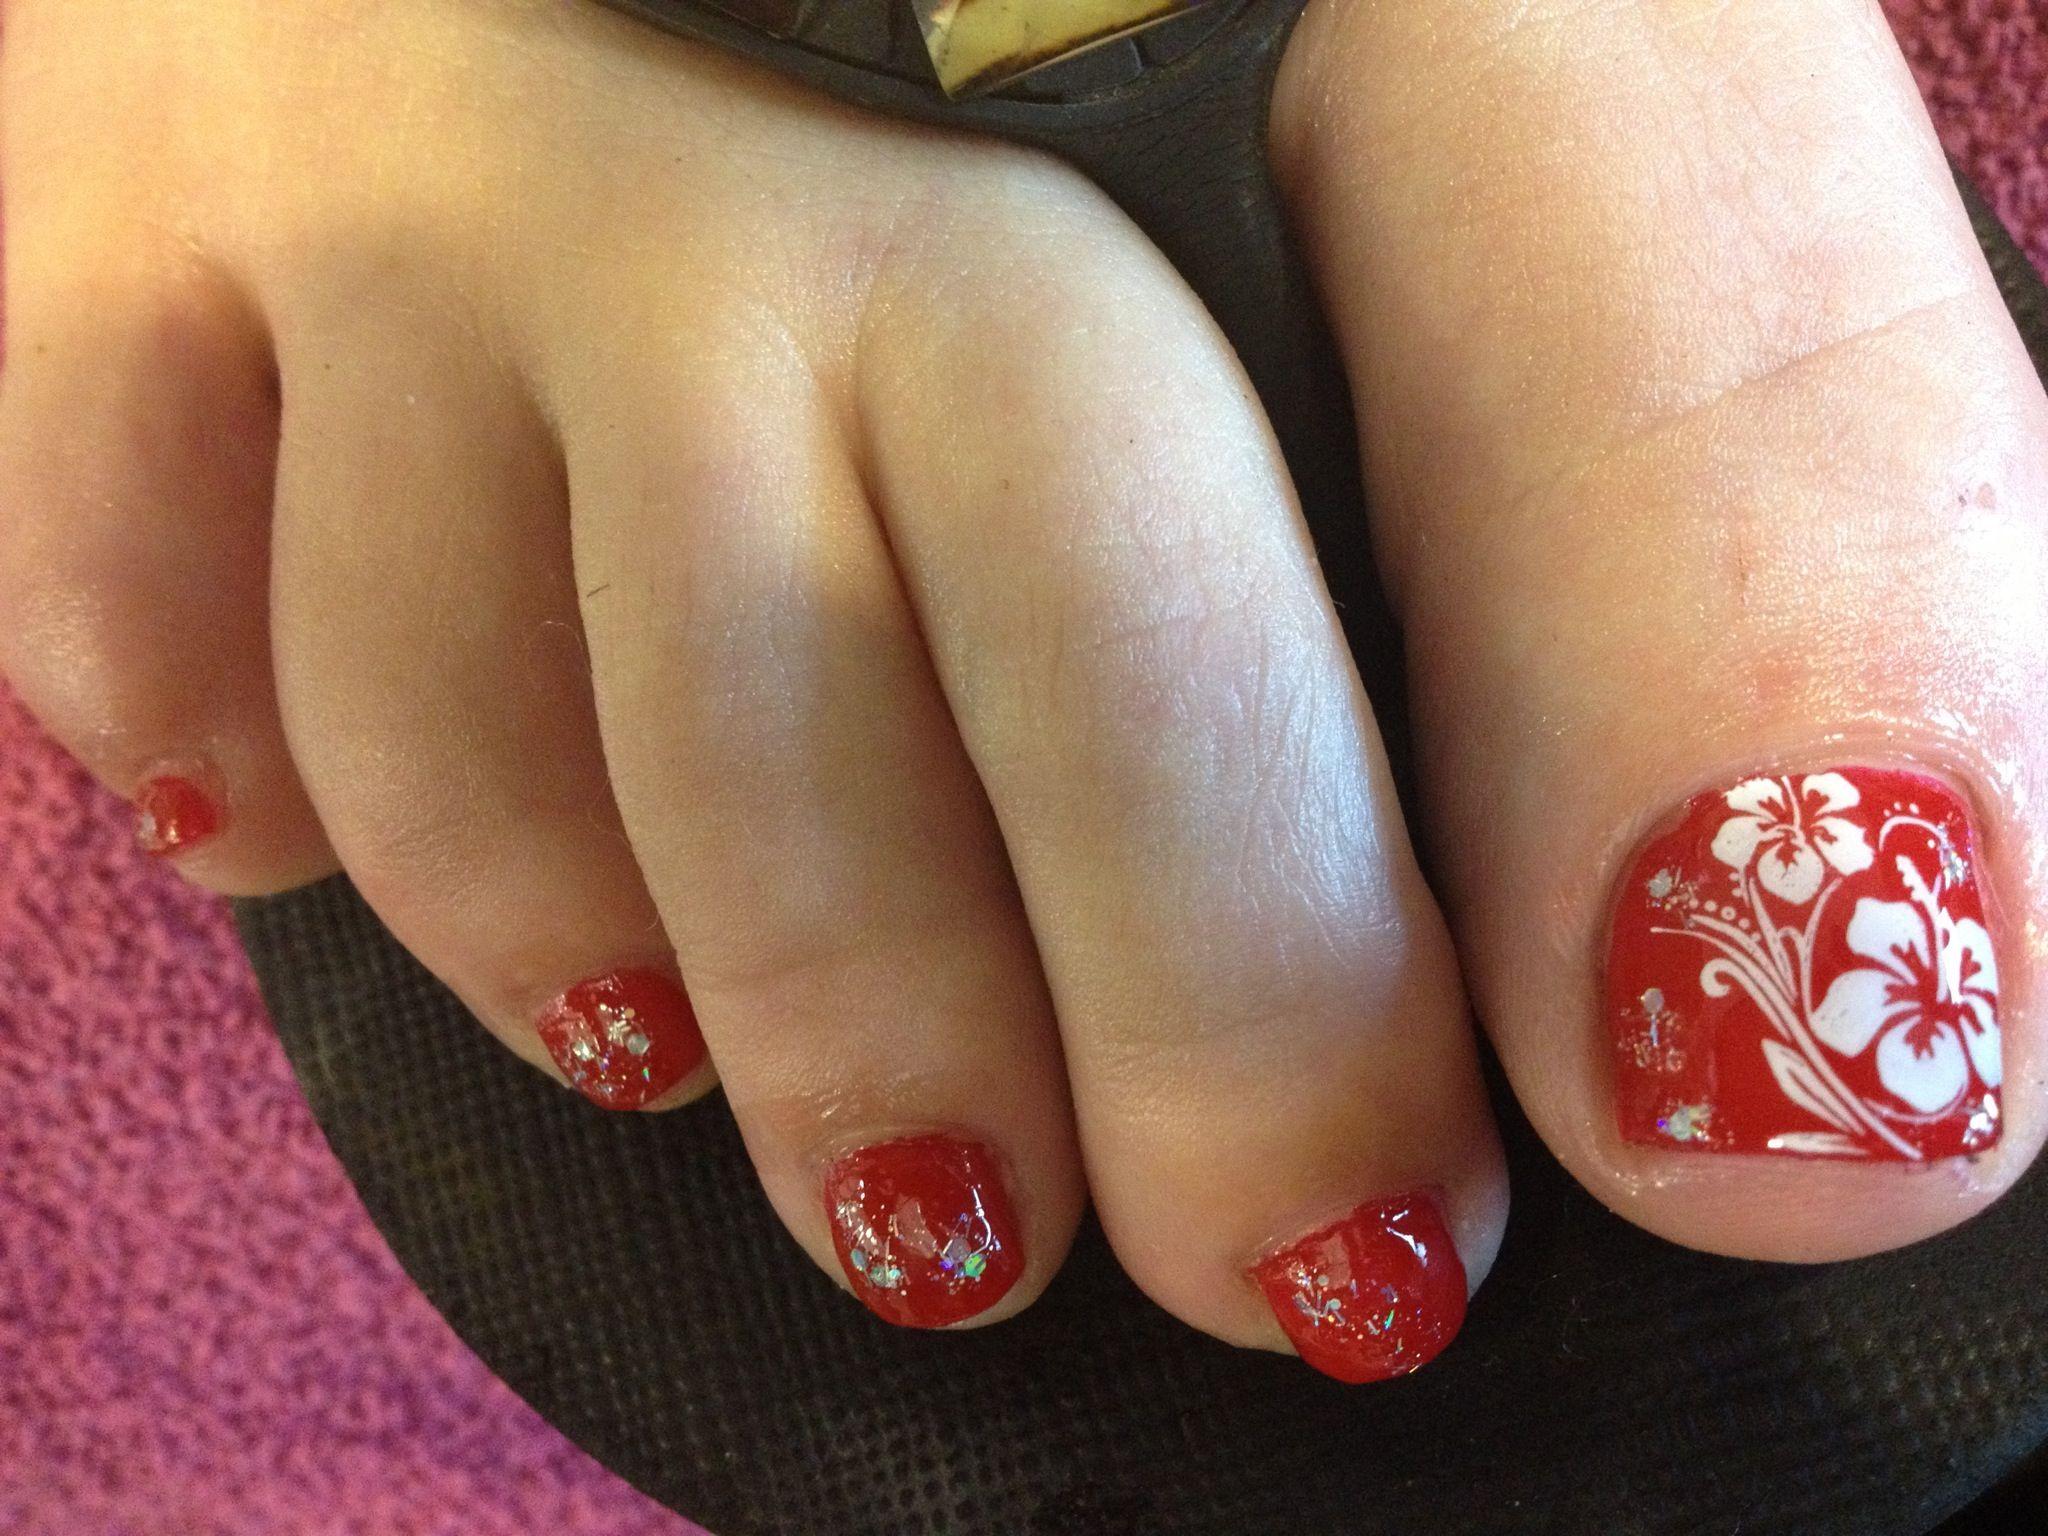 Pretty pedicure red polish with white hibiscus flowers i love this pretty pedicure red polish with white hibiscus flowers i love this white nail izmirmasajfo